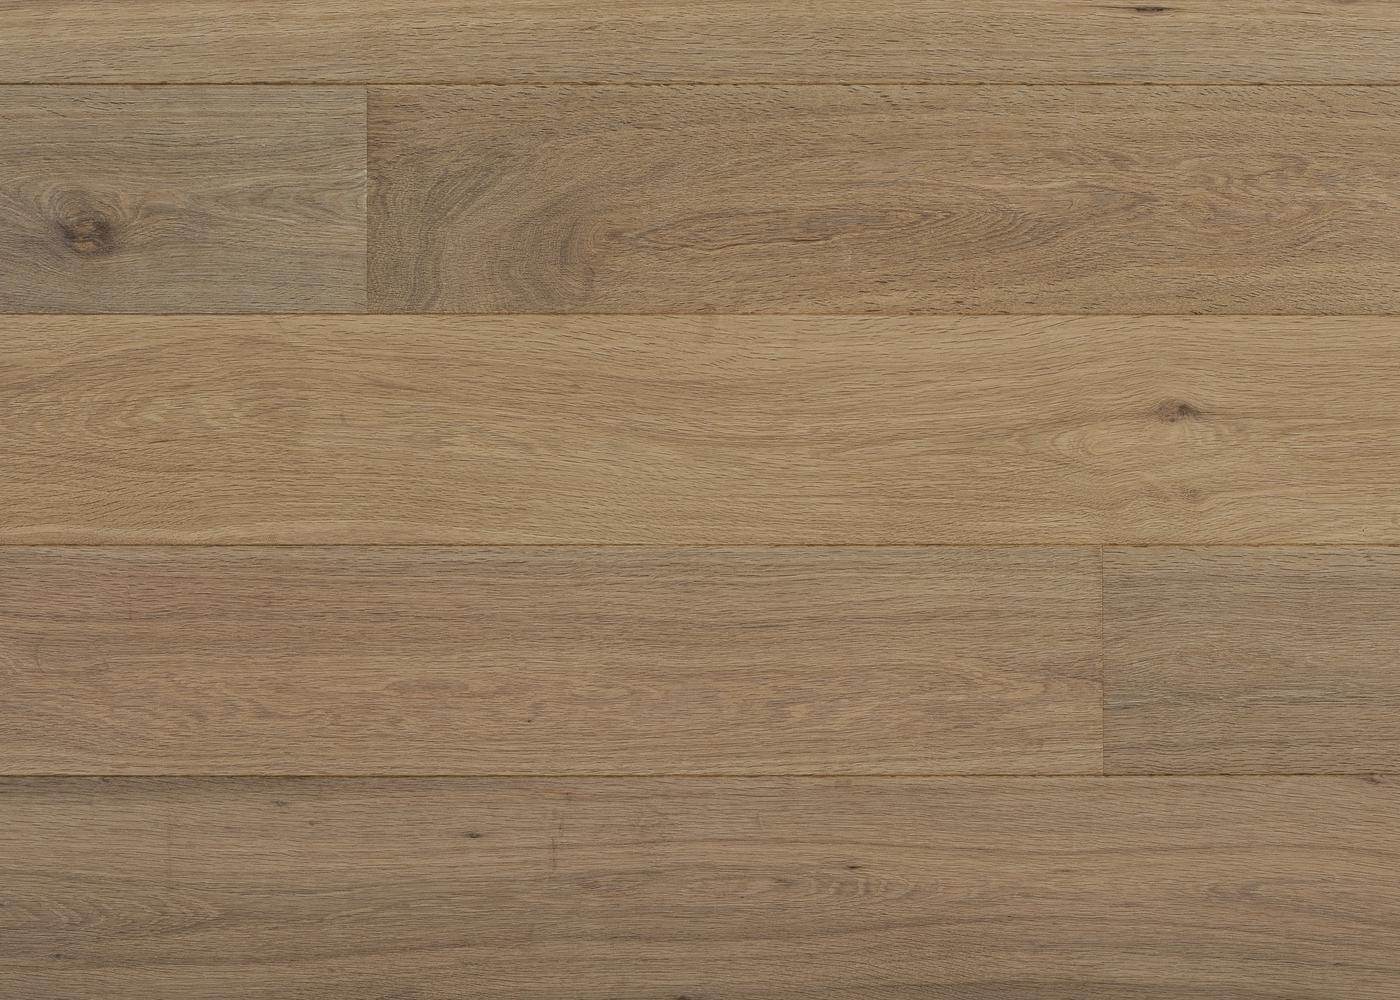 Parquet chêne contrecollé GRAVIER huile cire Mélange 50% PRBis, 50% Matière 12x160x1100-2200